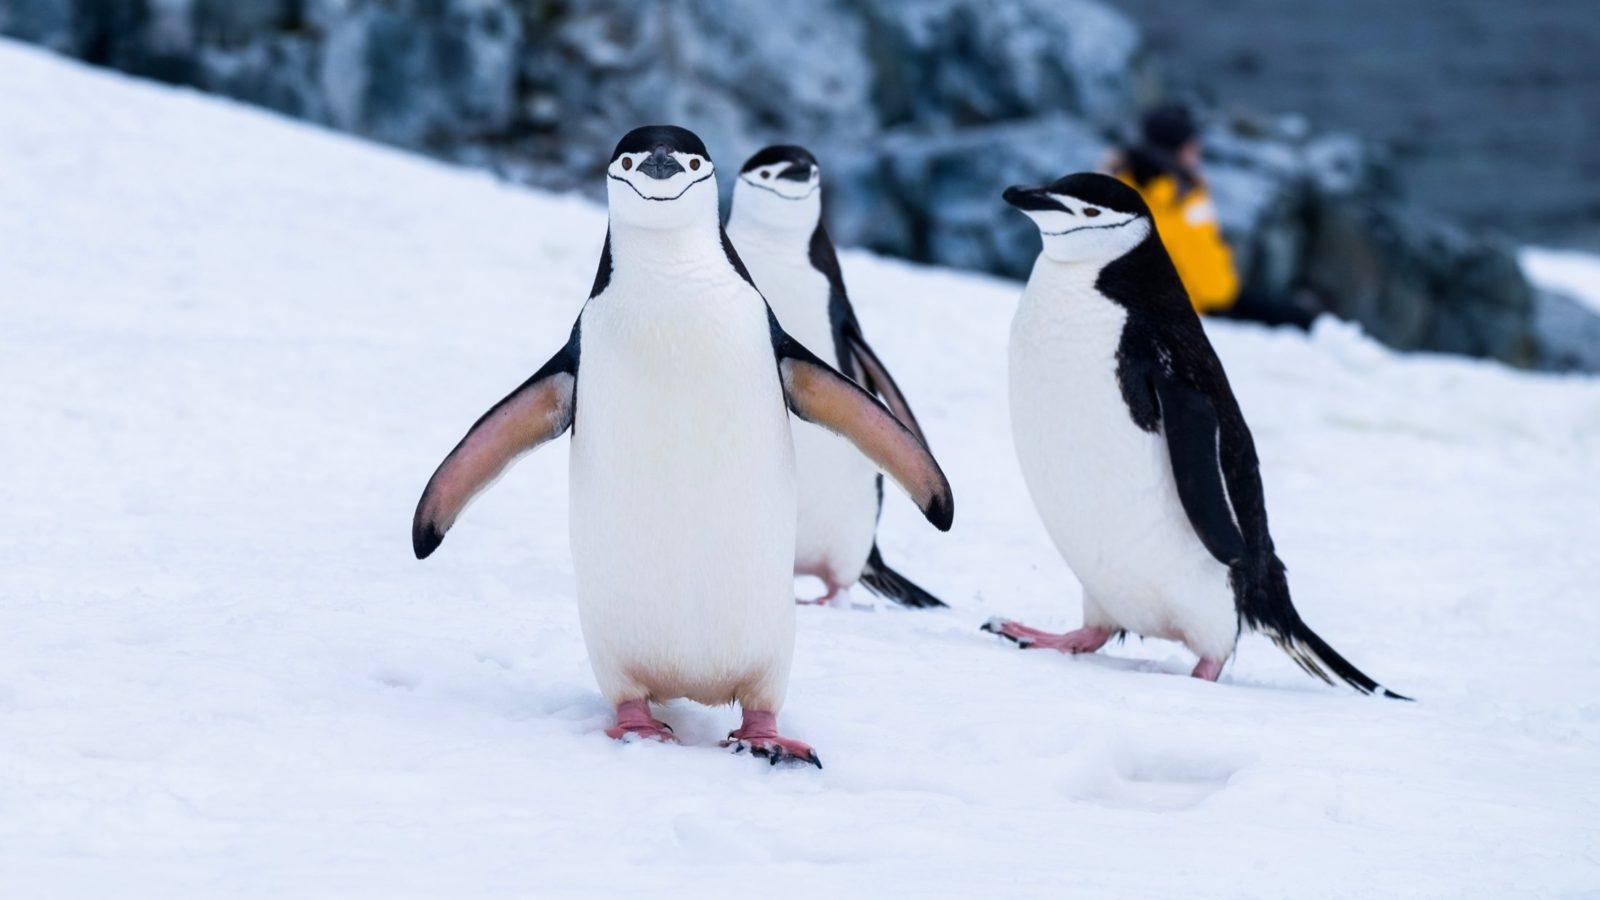 Sonhar com pinguim e você no meio deles é sina de confusão.